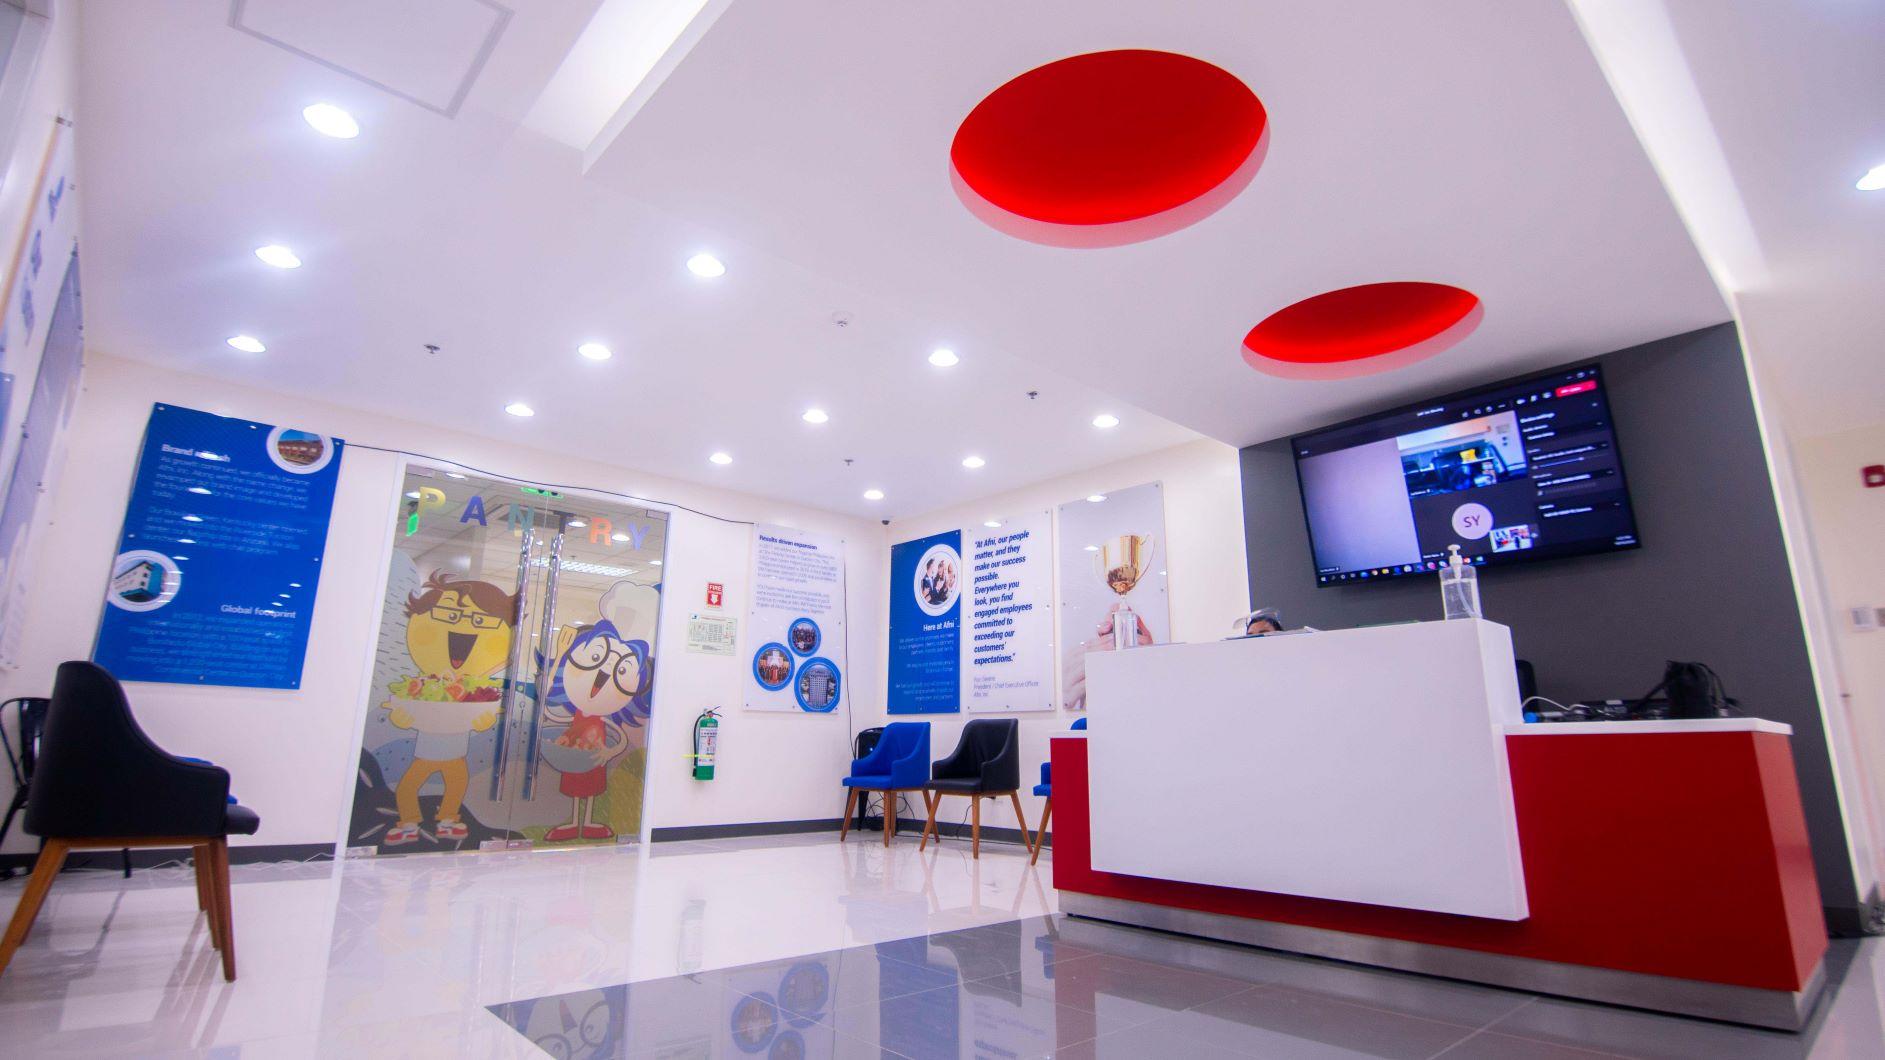 Afni SMCF reception area